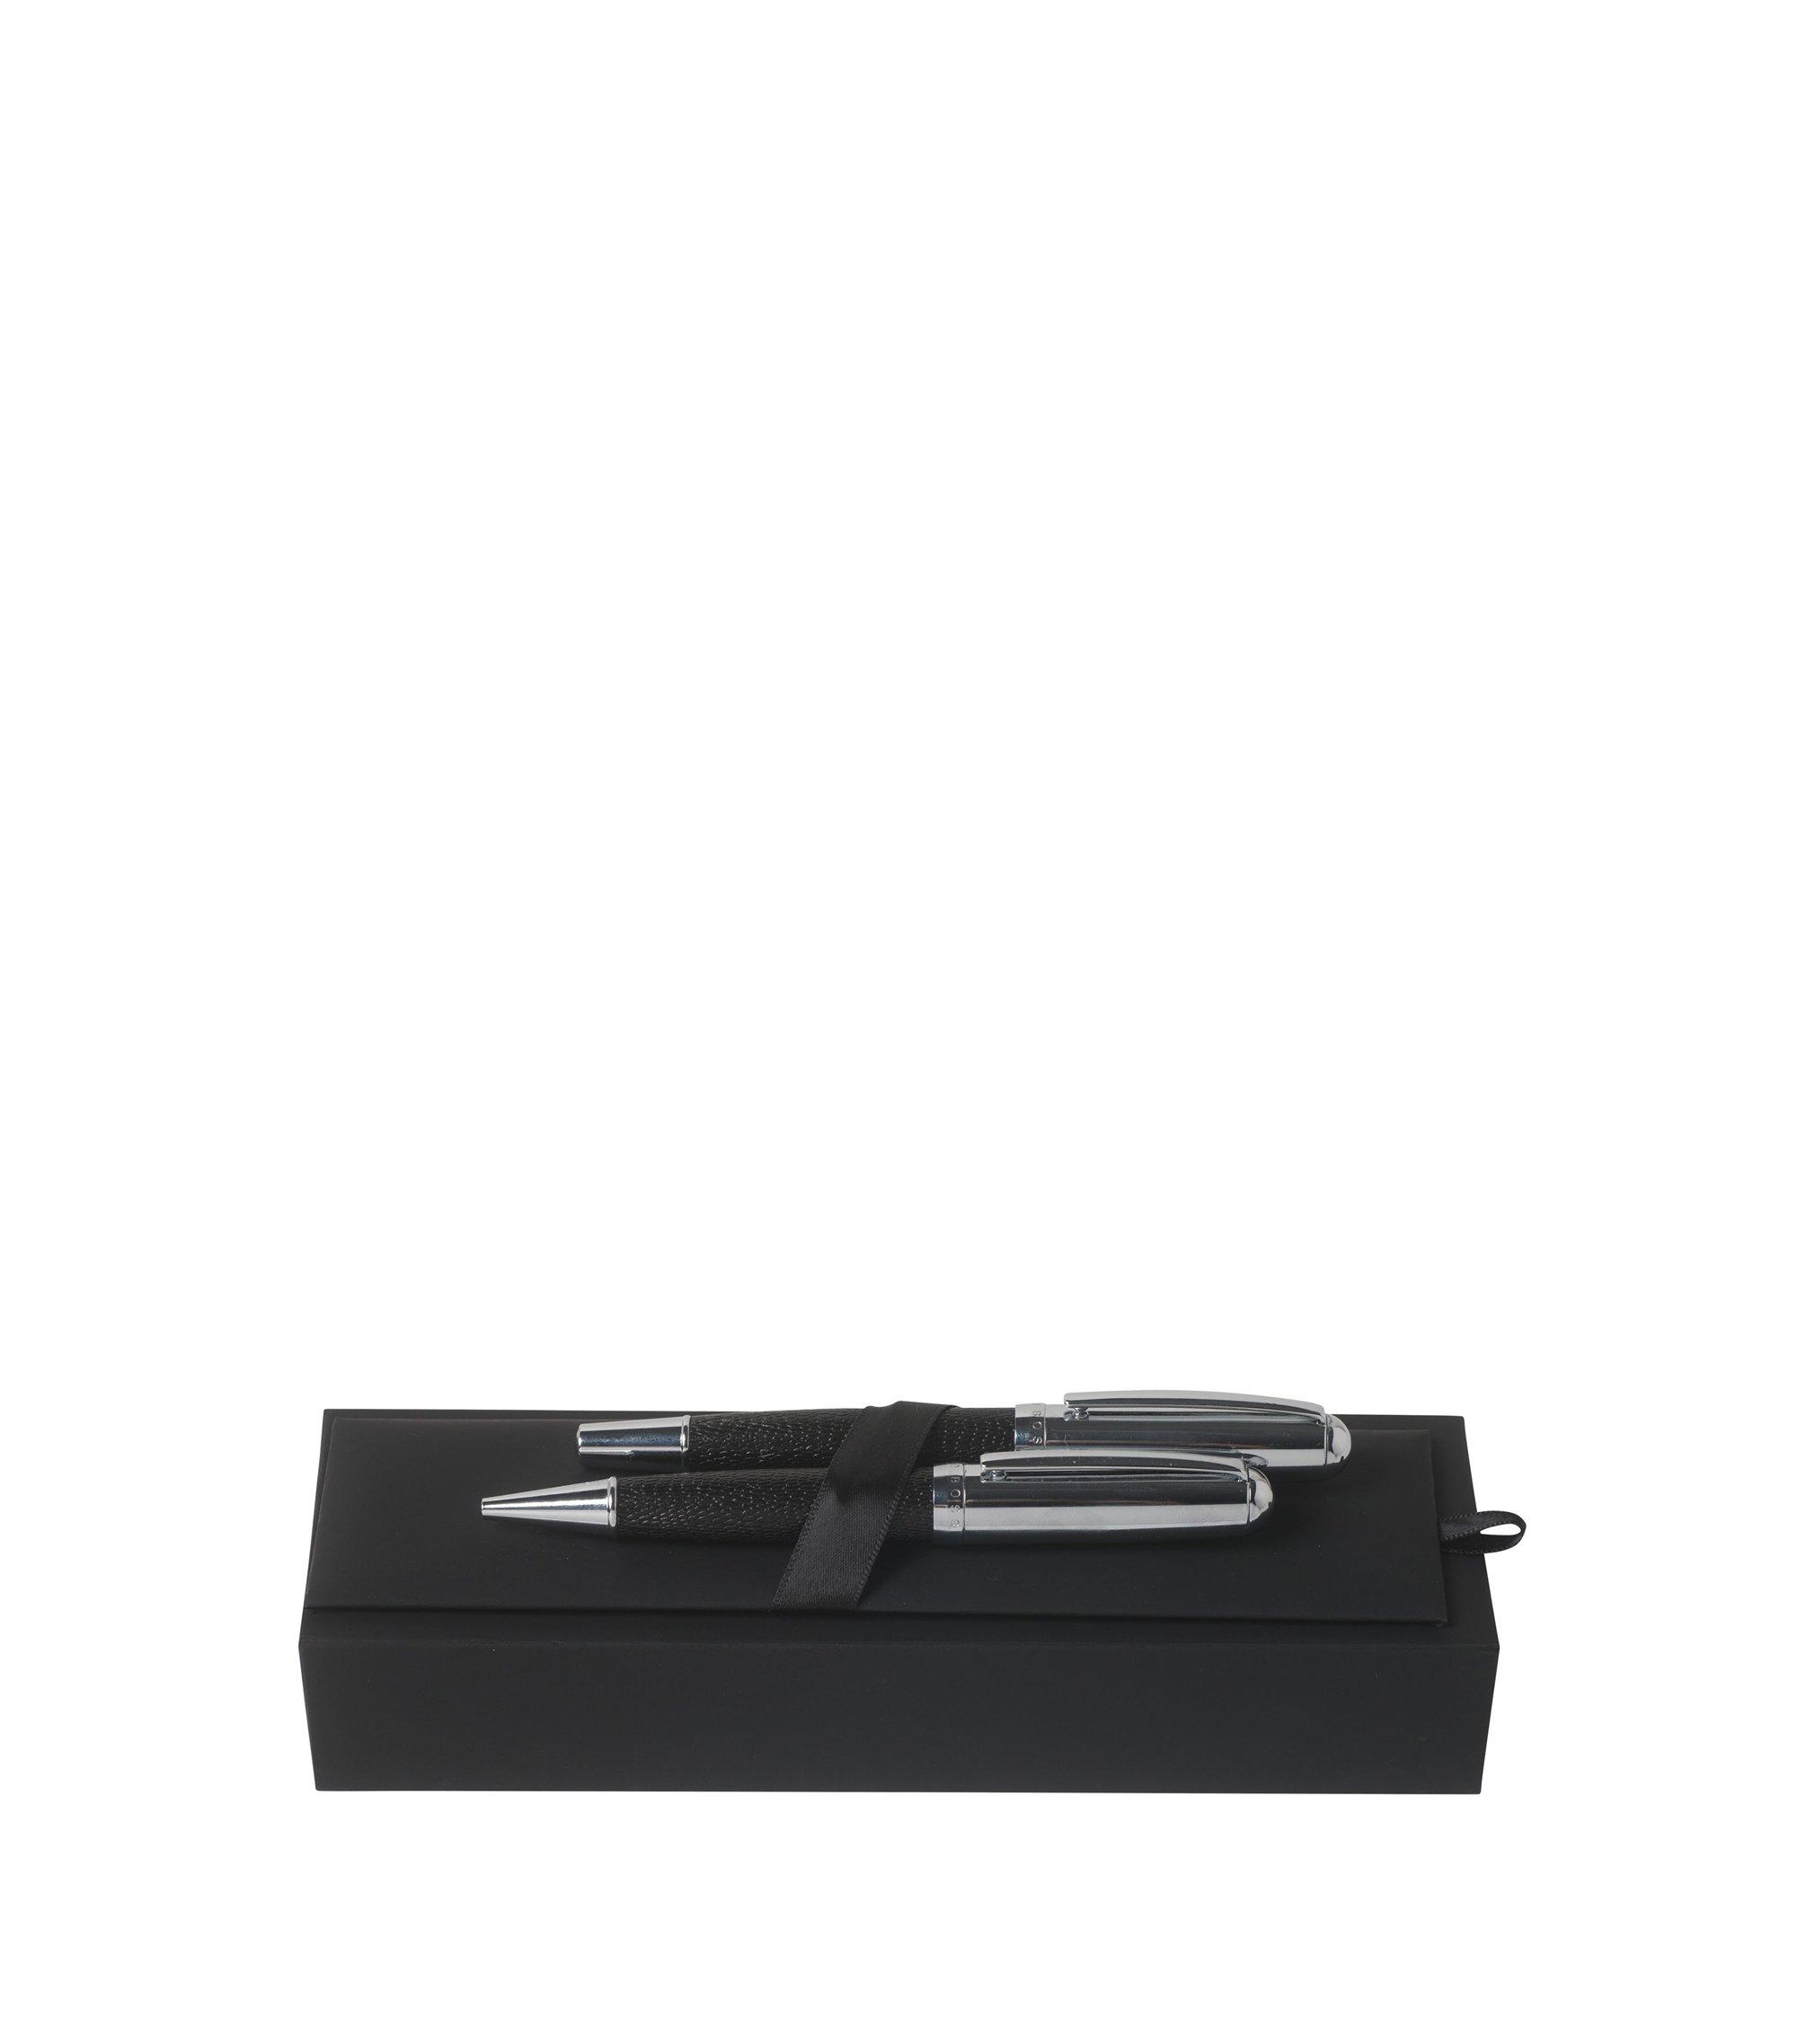 Geschenk-Set mit Kugelschreiber und Tintenroller aus chrombeschichtetem Messing und Leder, Schwarz